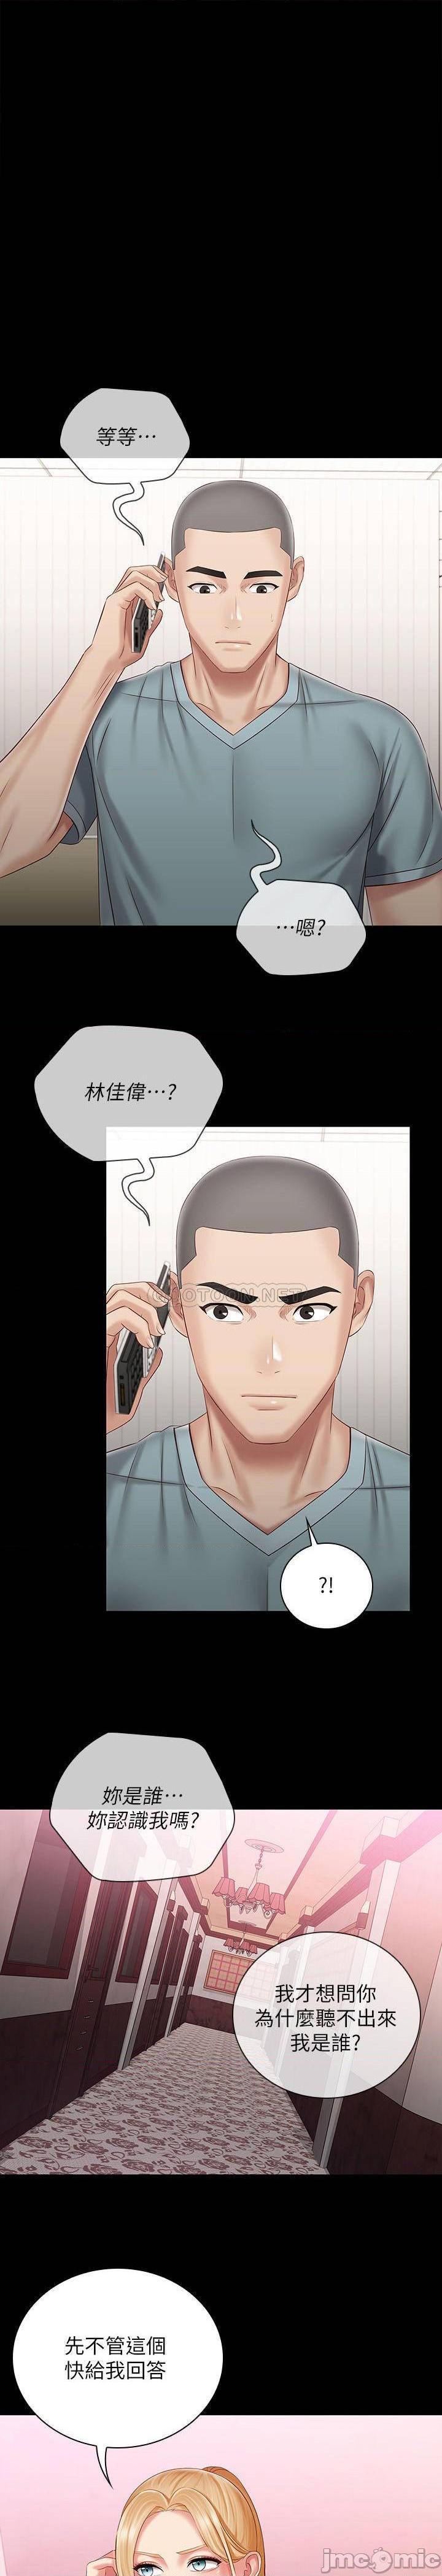 第63話  韓娜告知劉志浩的弱點